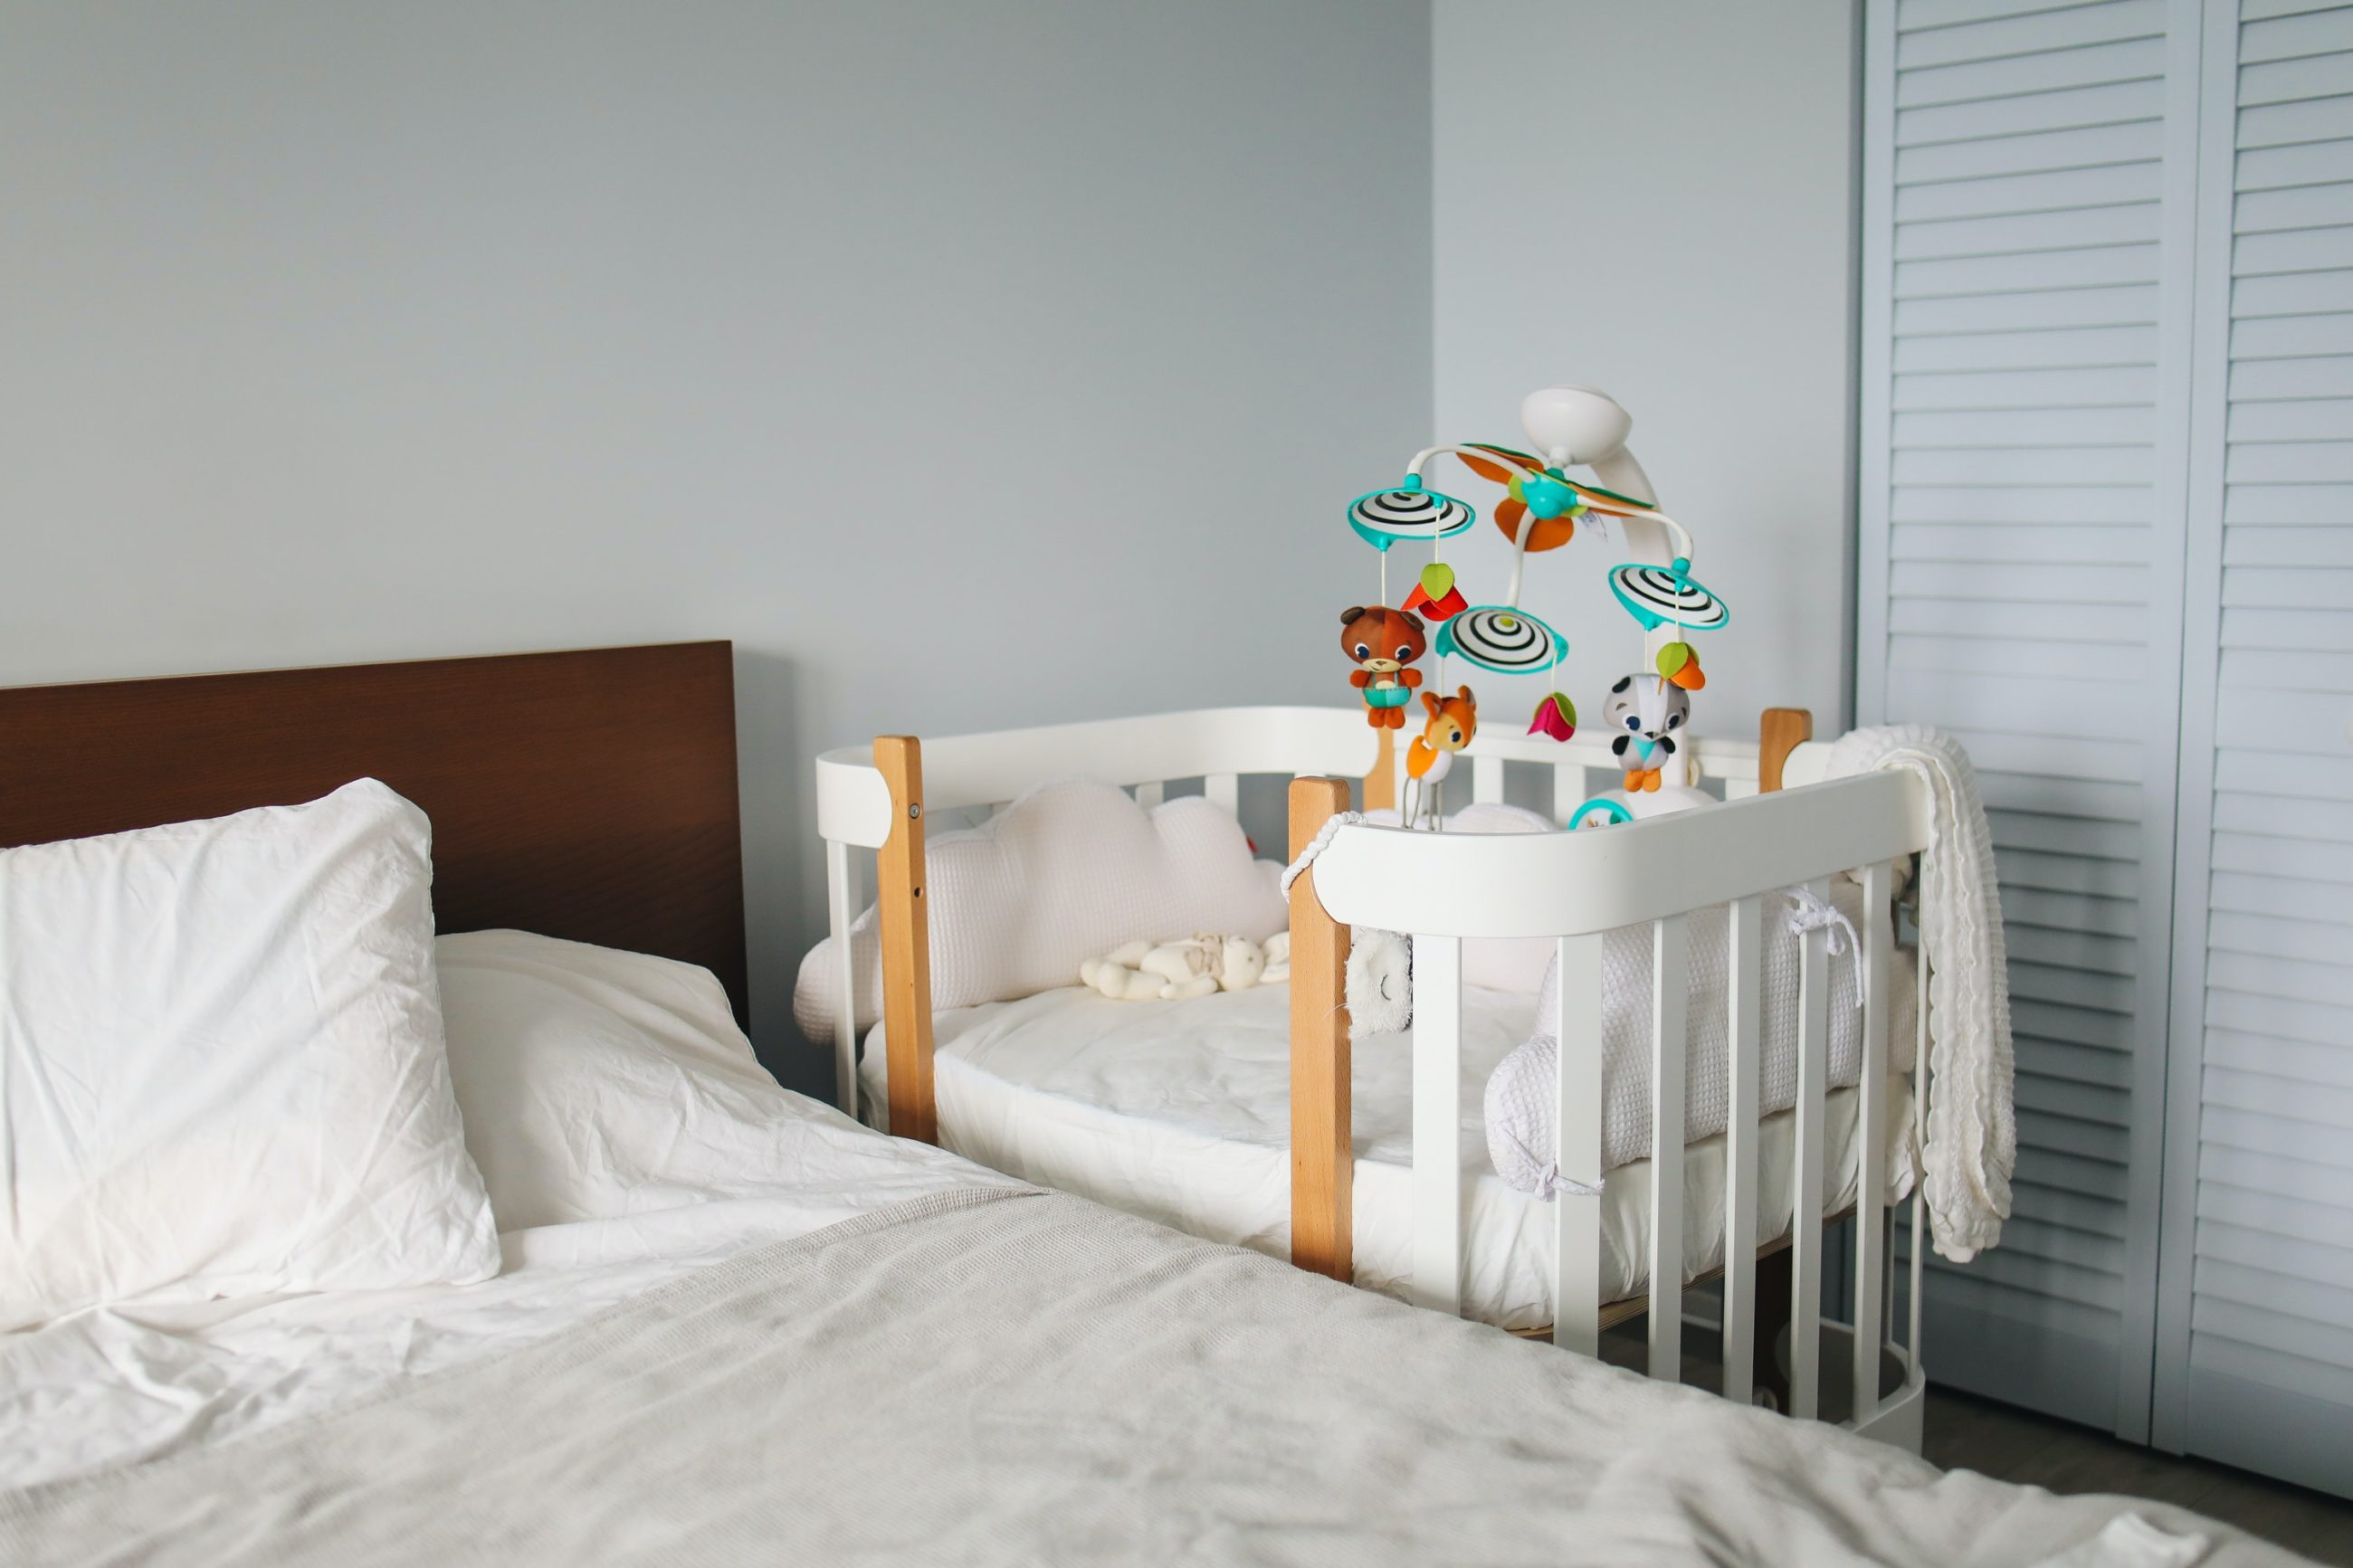 Le coaching du sommeil : un moyen d'améliorer la qualité de vie familiale.